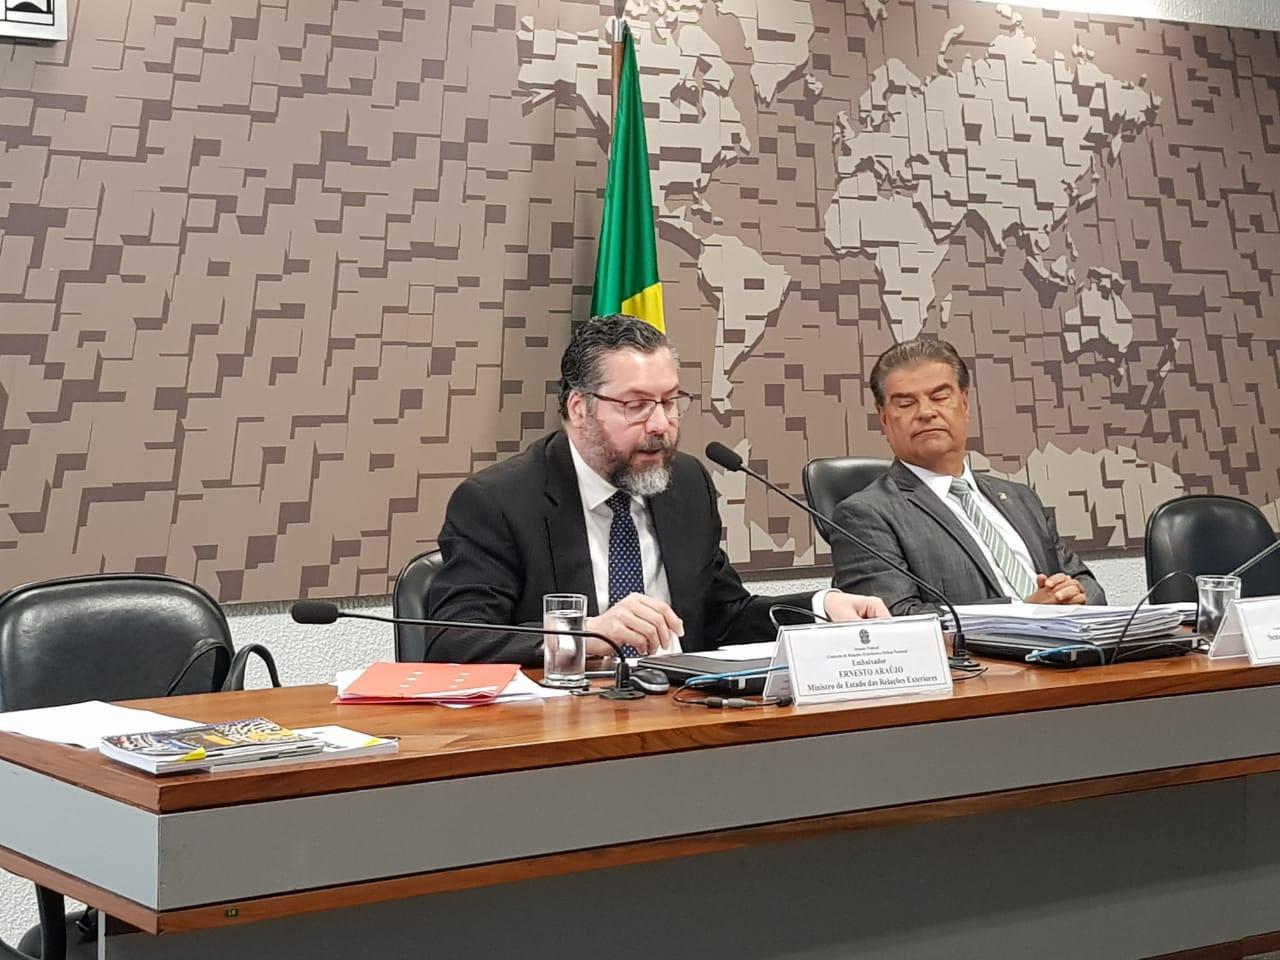 """IMAGEM: Ernesto Araújo, que apoia plano sem representante palestino, diz apoiar """"retomada de negociações"""""""